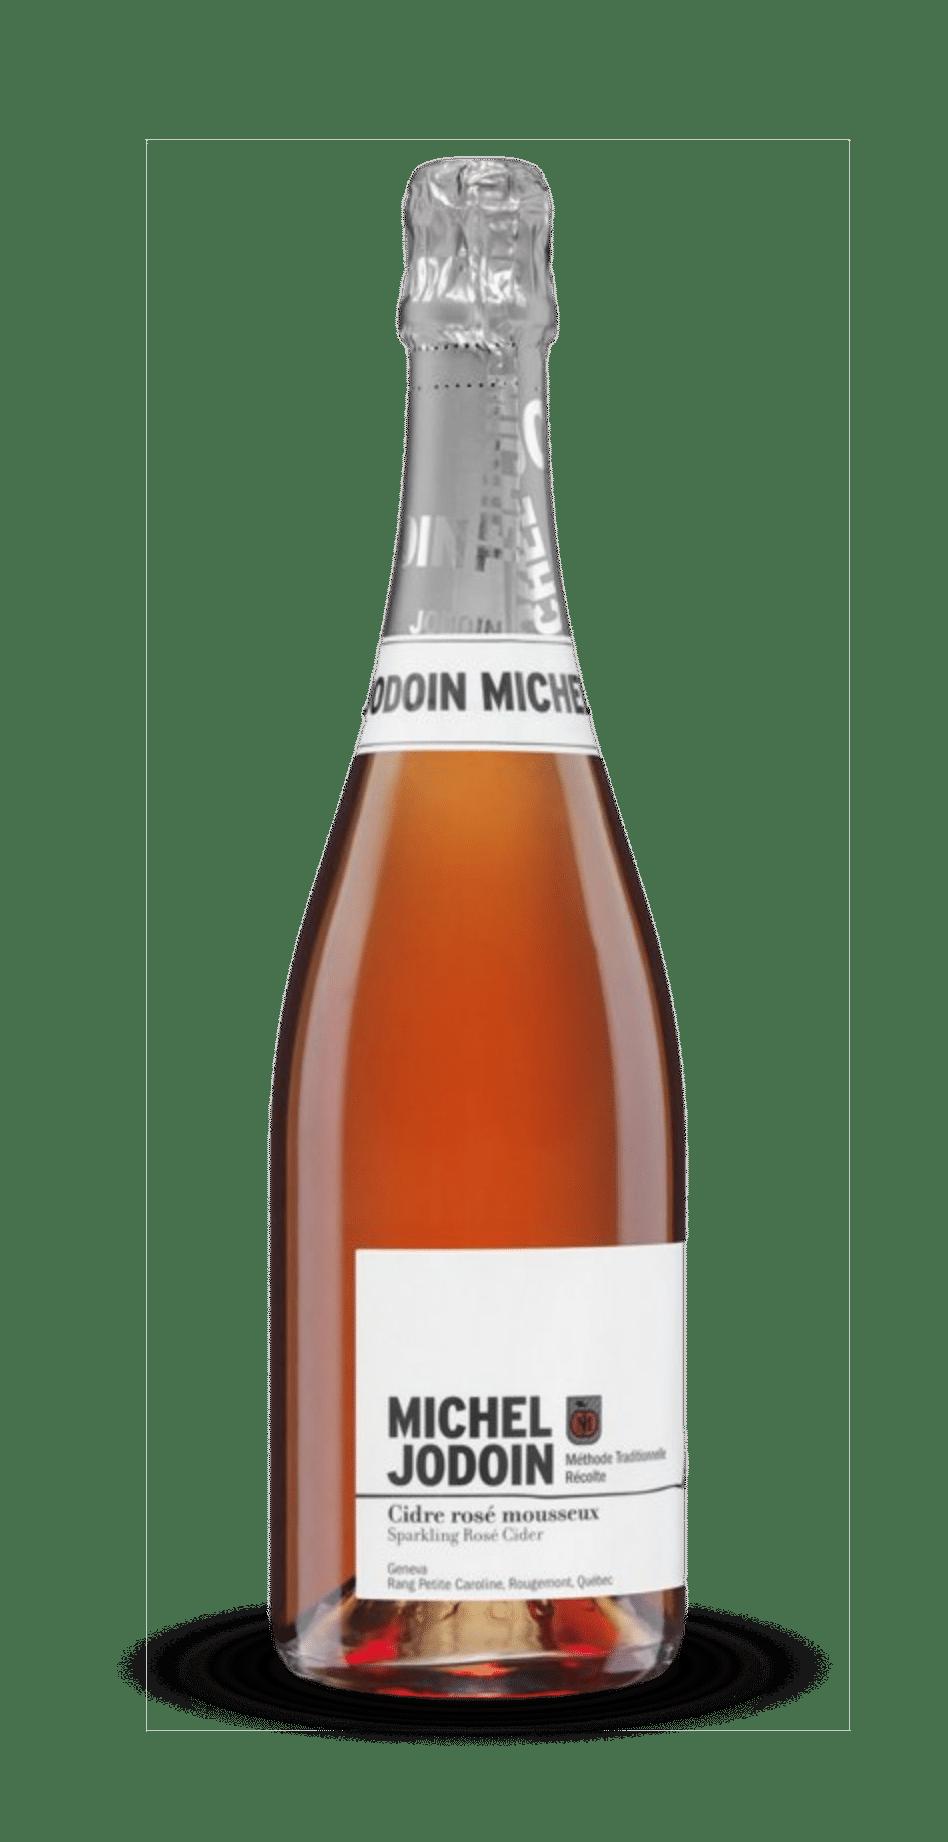 Michel Jodoin Cidre mousseux rosé